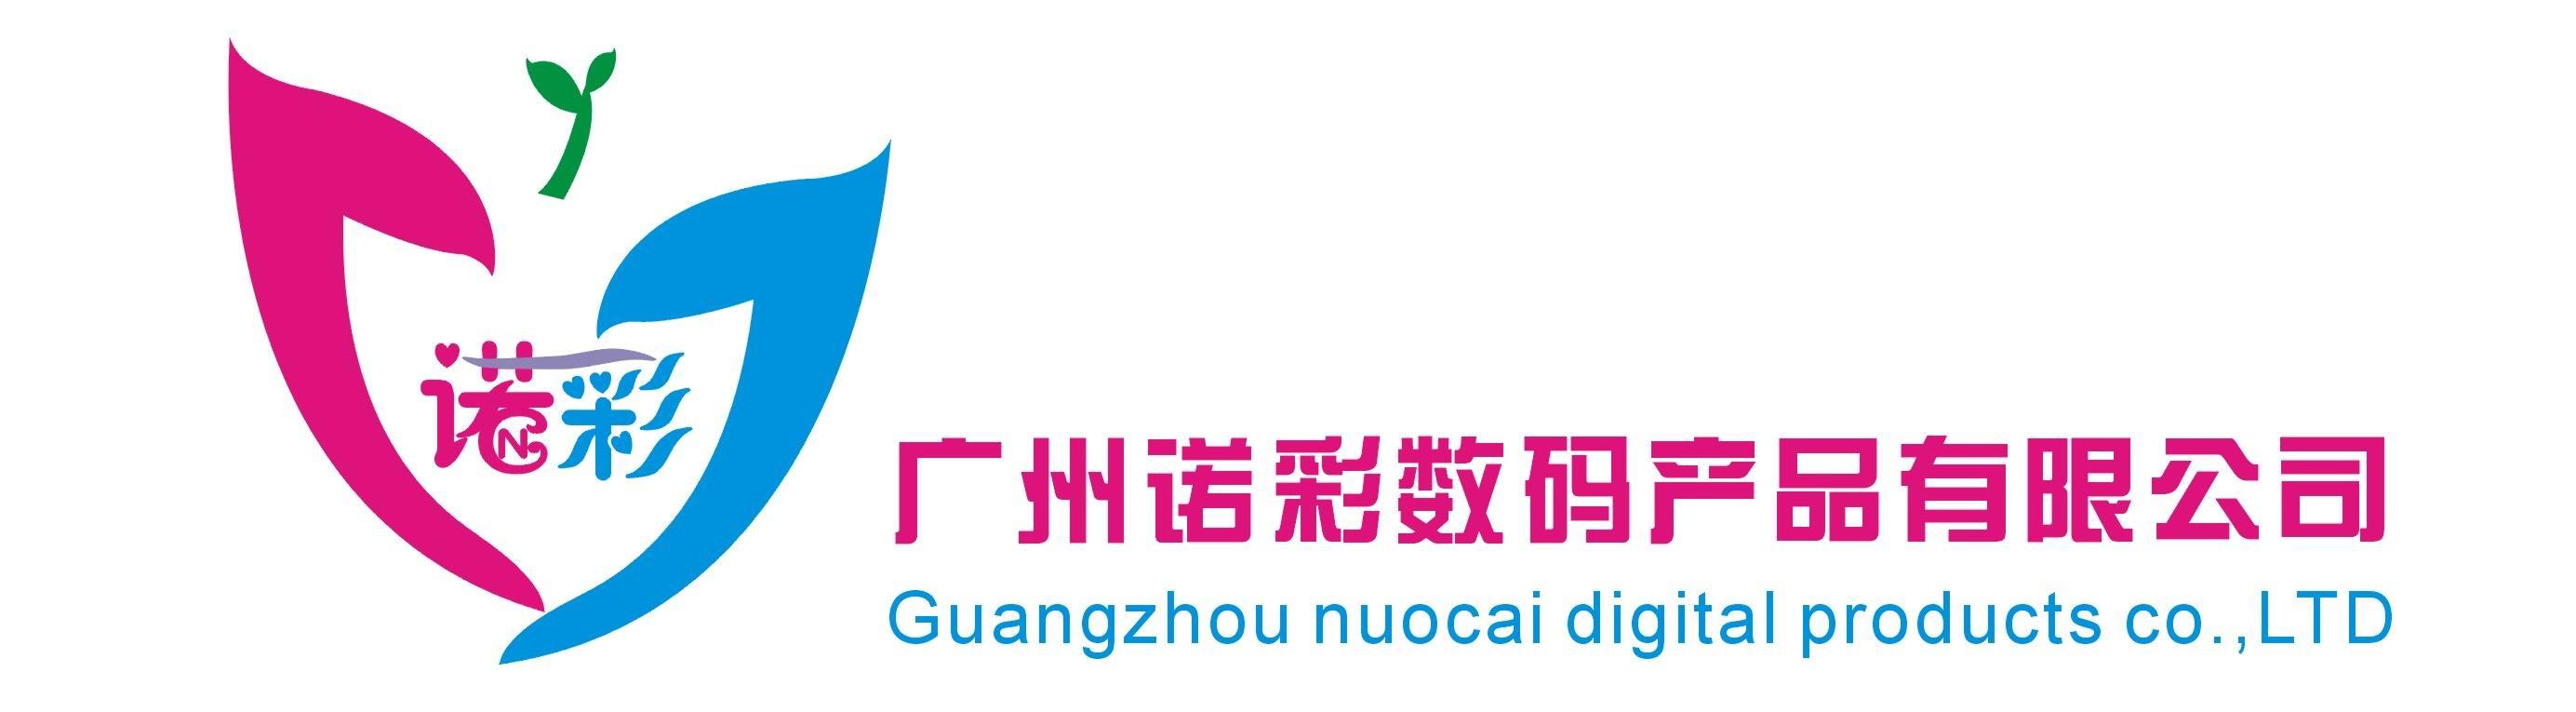 广州诺彩数码产品有限公司义乌公司